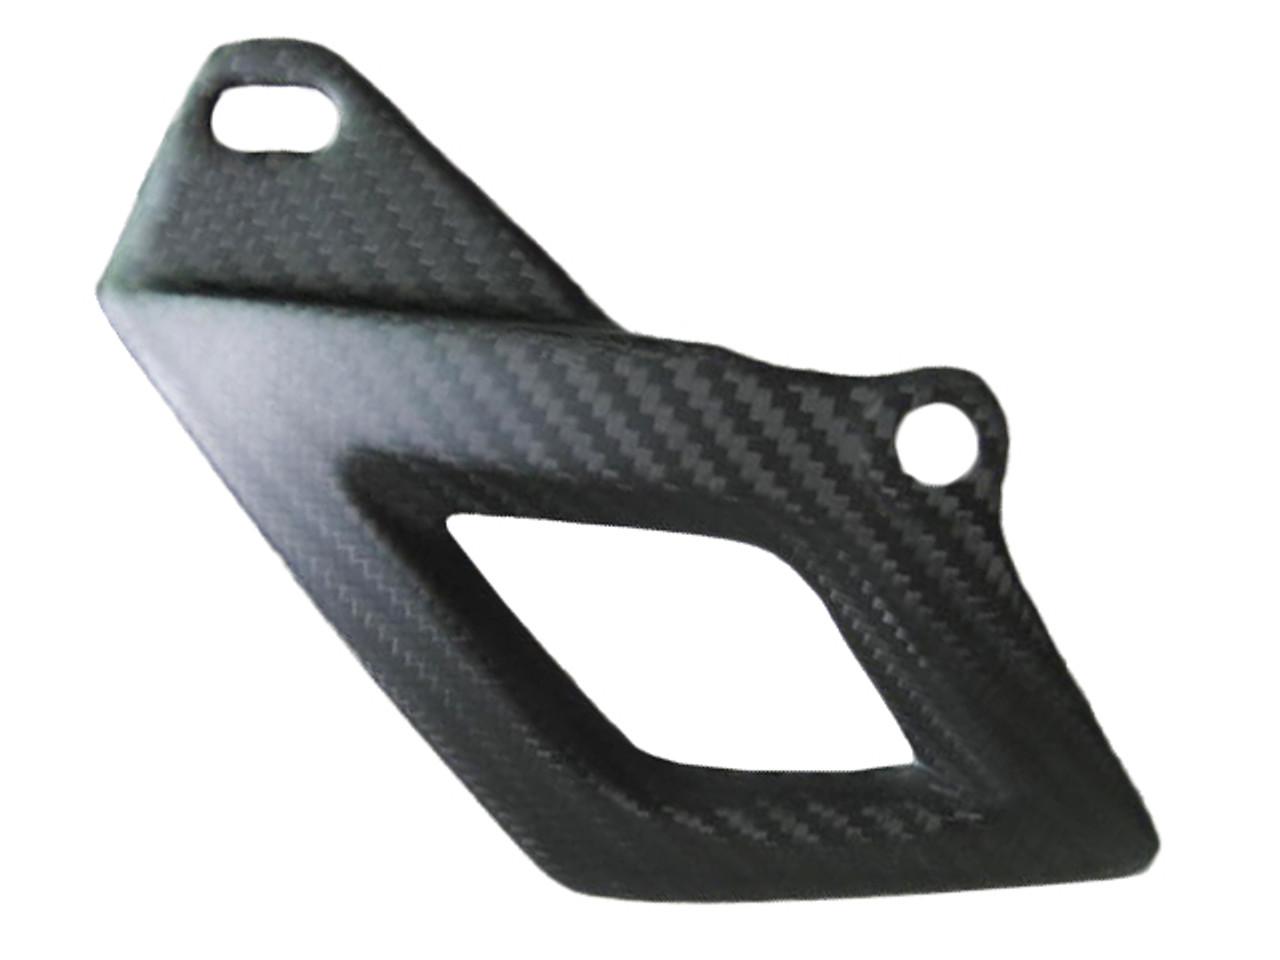 Matte Twill Weave Carbon Fiber Lower Chain Guard for Aprilia RSV4 2009+ and Tuono V4 2011+